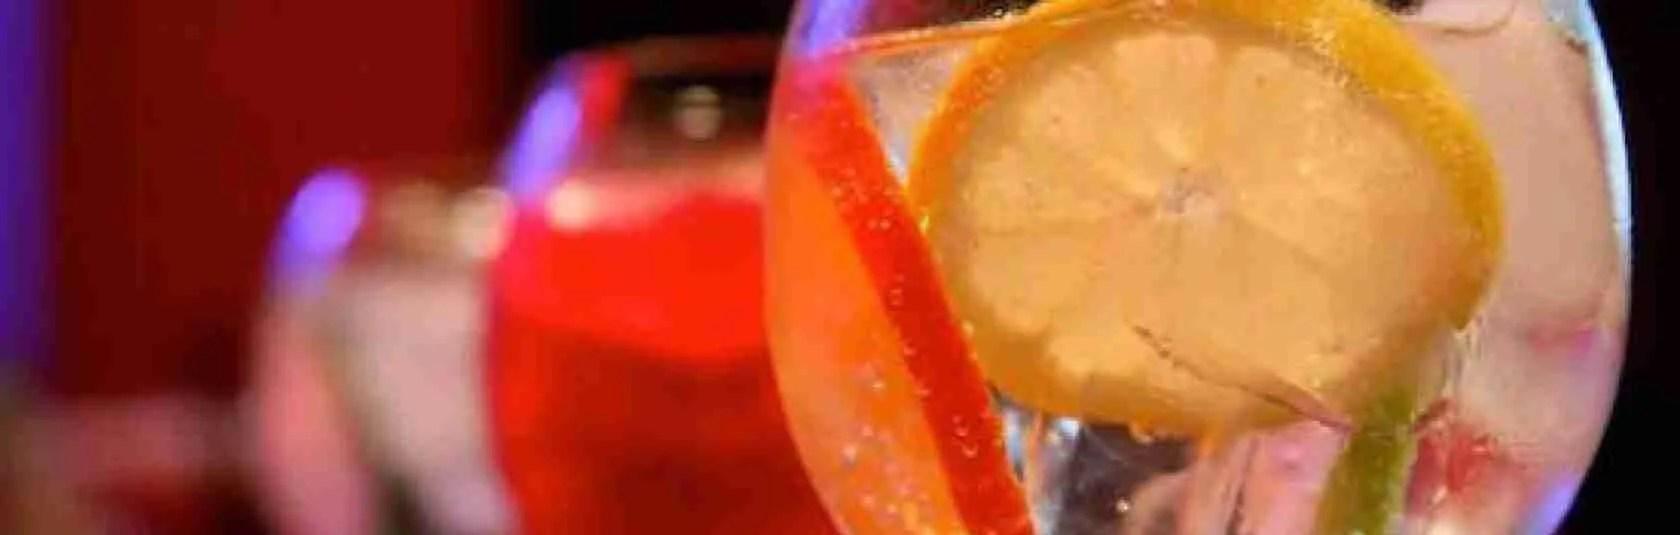 Le escort di Padova adorano lo spritz, l'aperitivo che si beve in città.